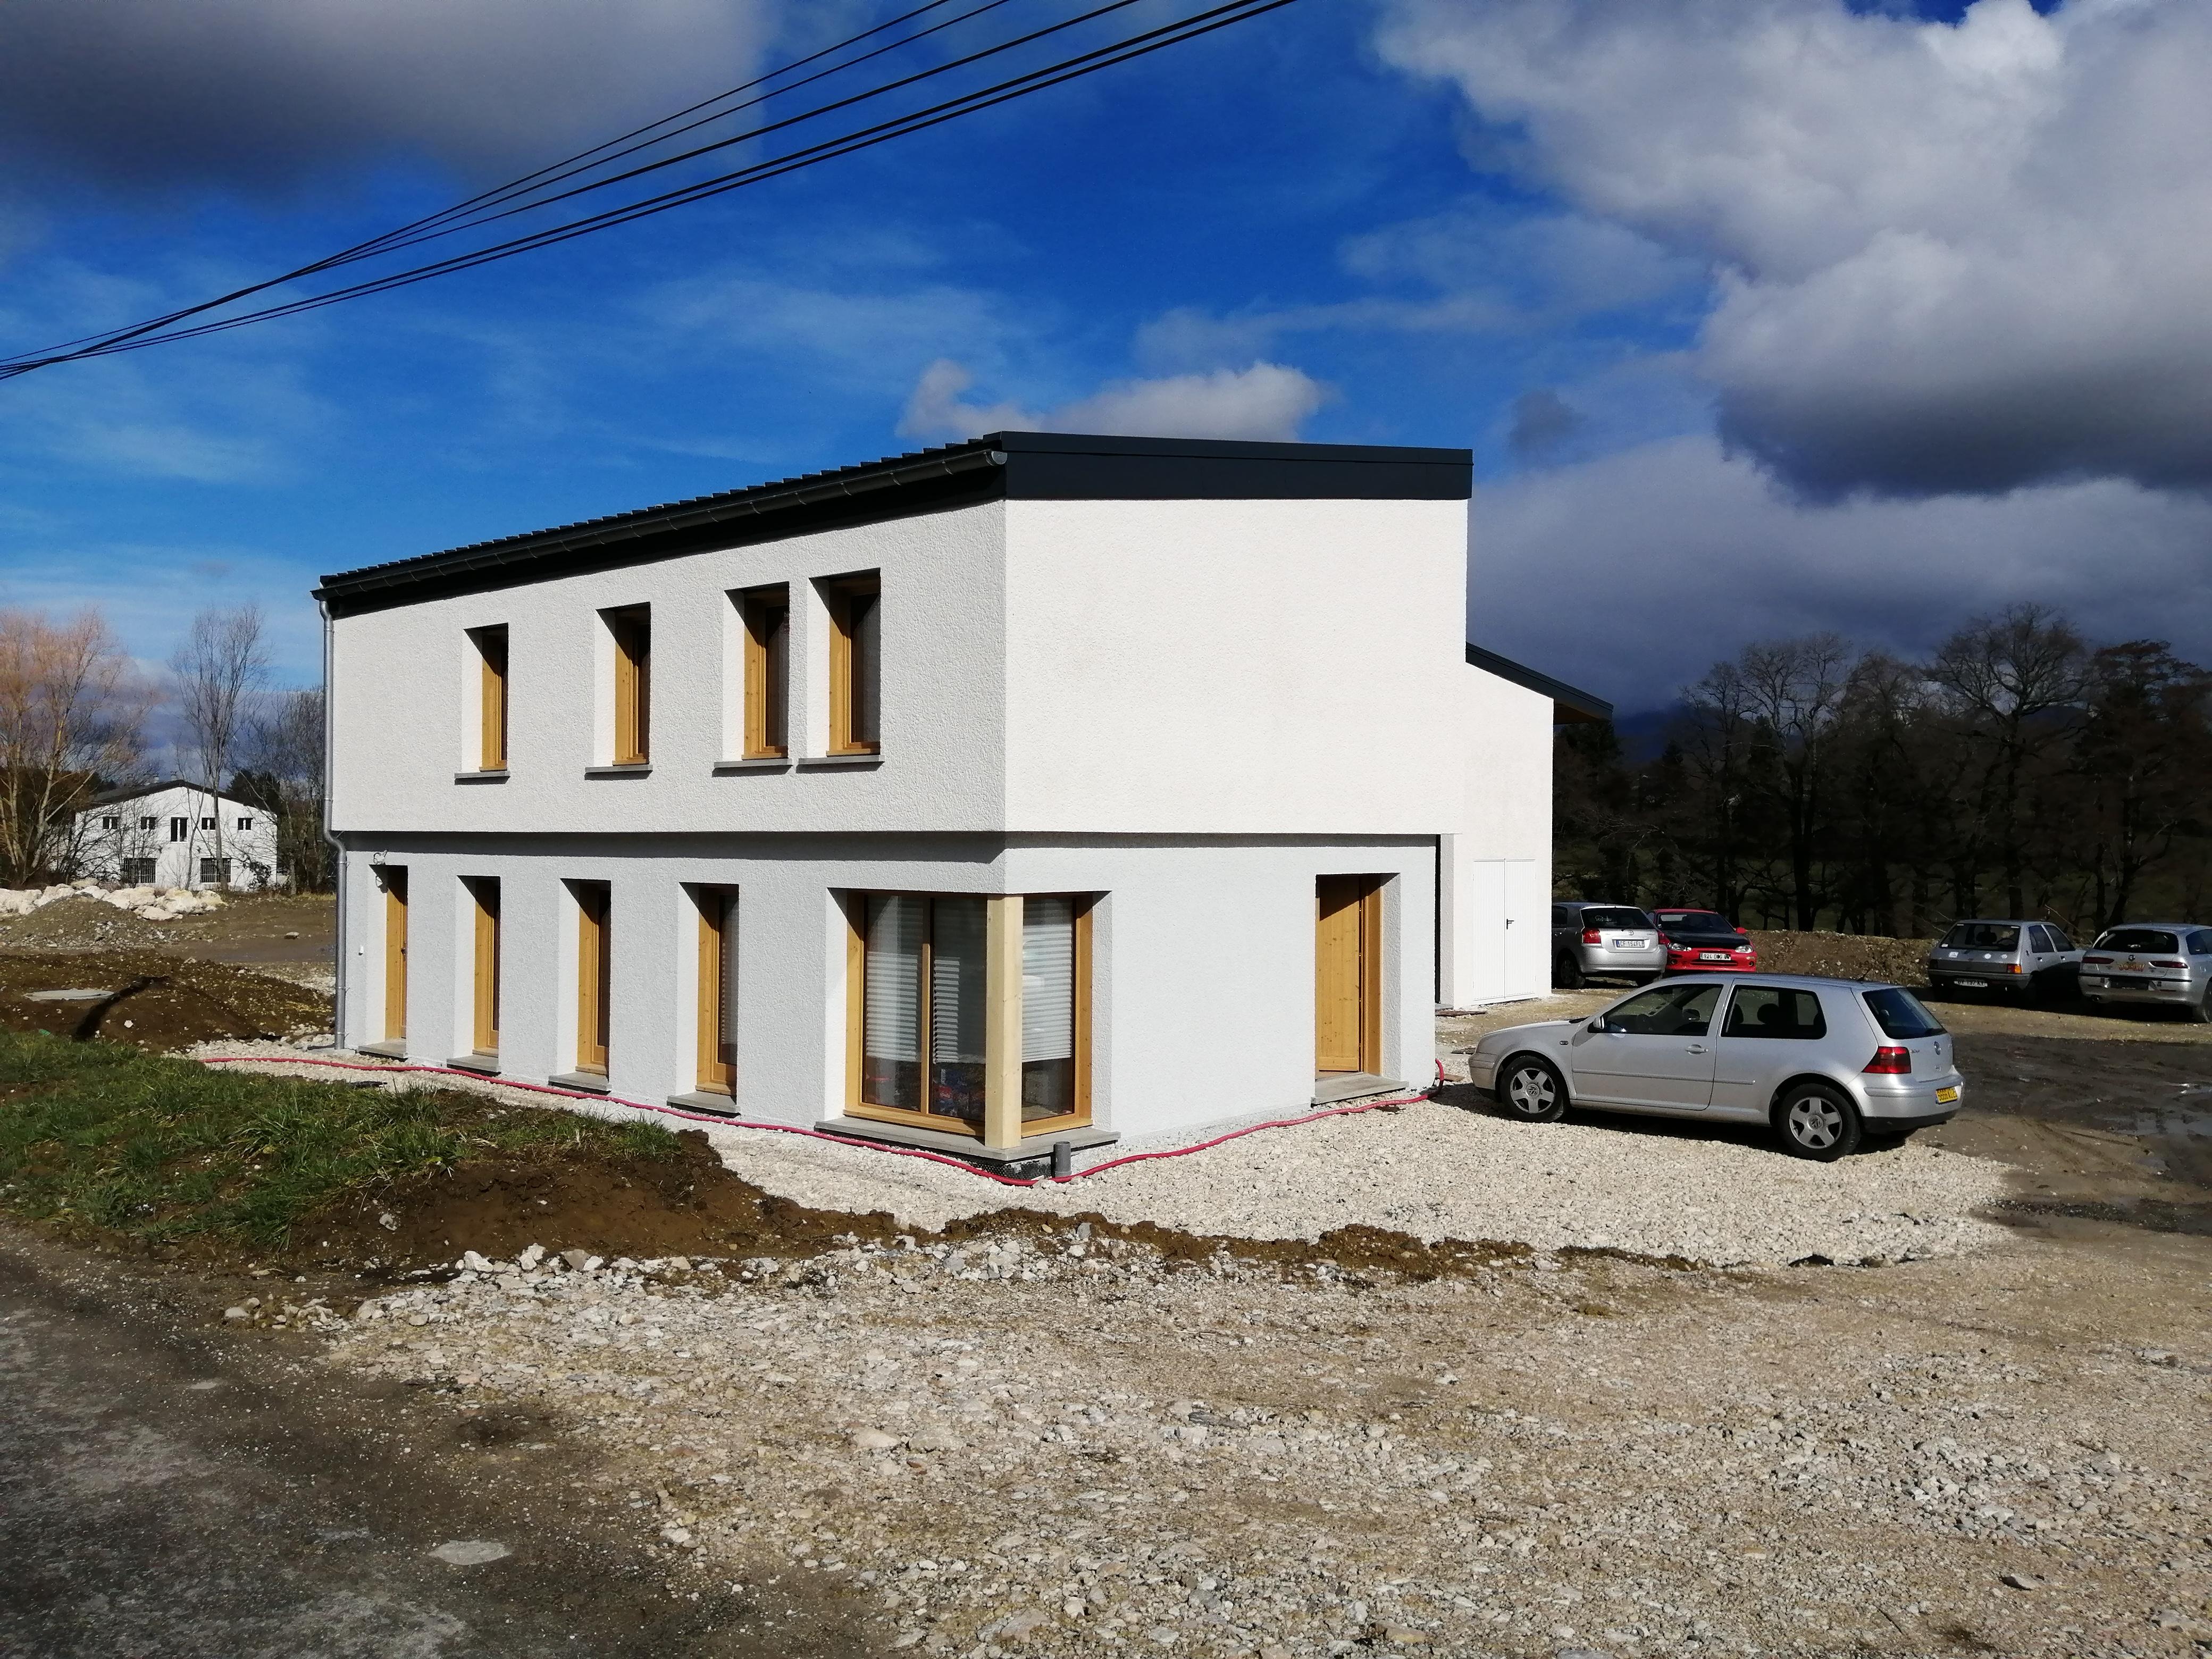 Chantier 2019: Construction neuve d'un local artisanal et d'un bâtiment de bureaux